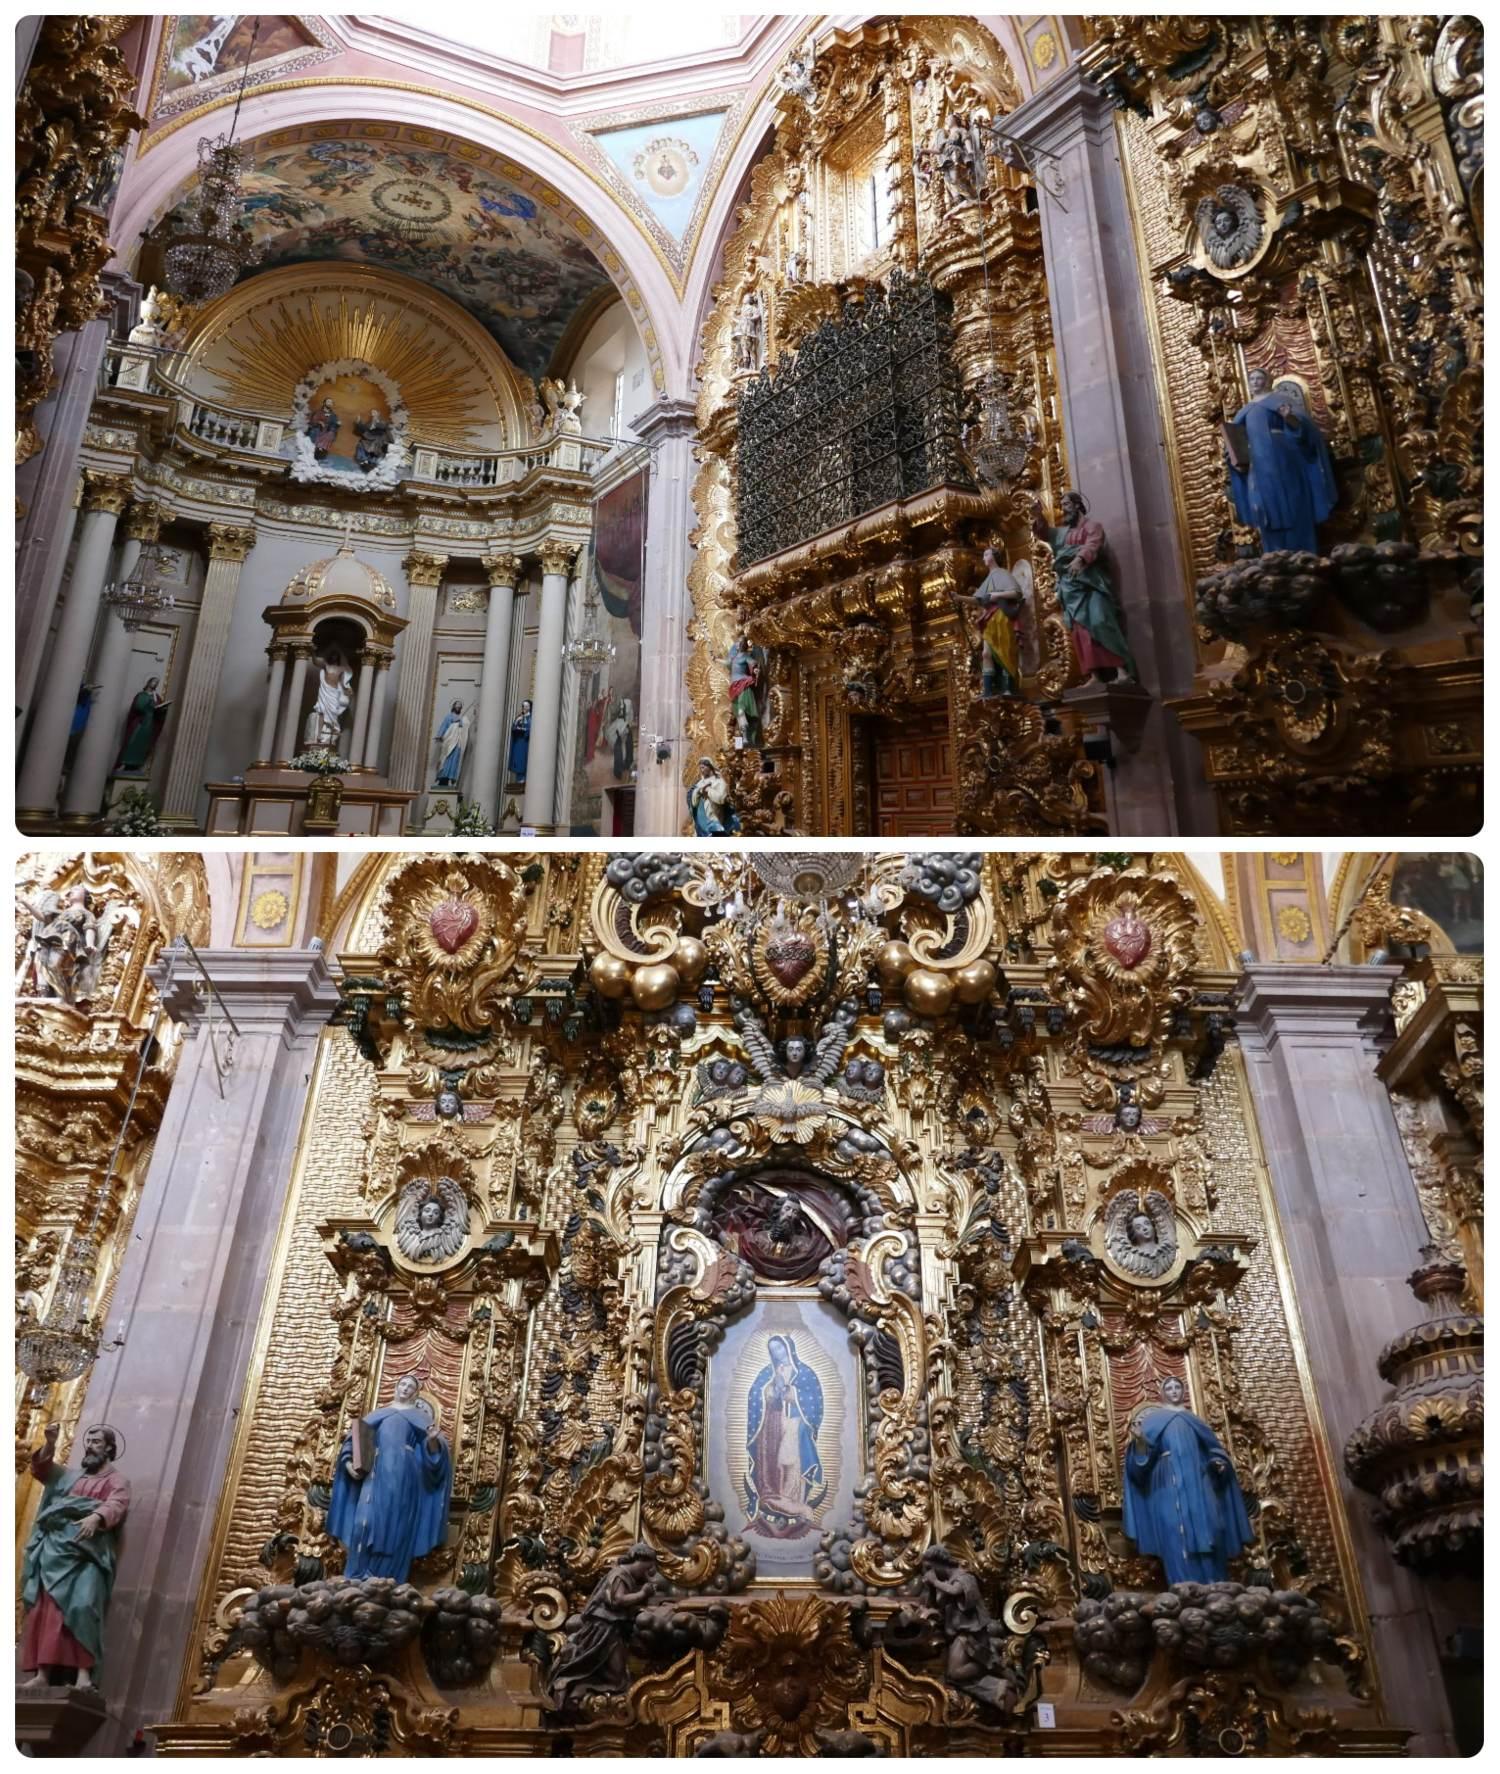 Interior of Parroquia del Sagrado Corazon de Jesus - Templo de Santa Clara, Santiago de Queretaro, Mexico.